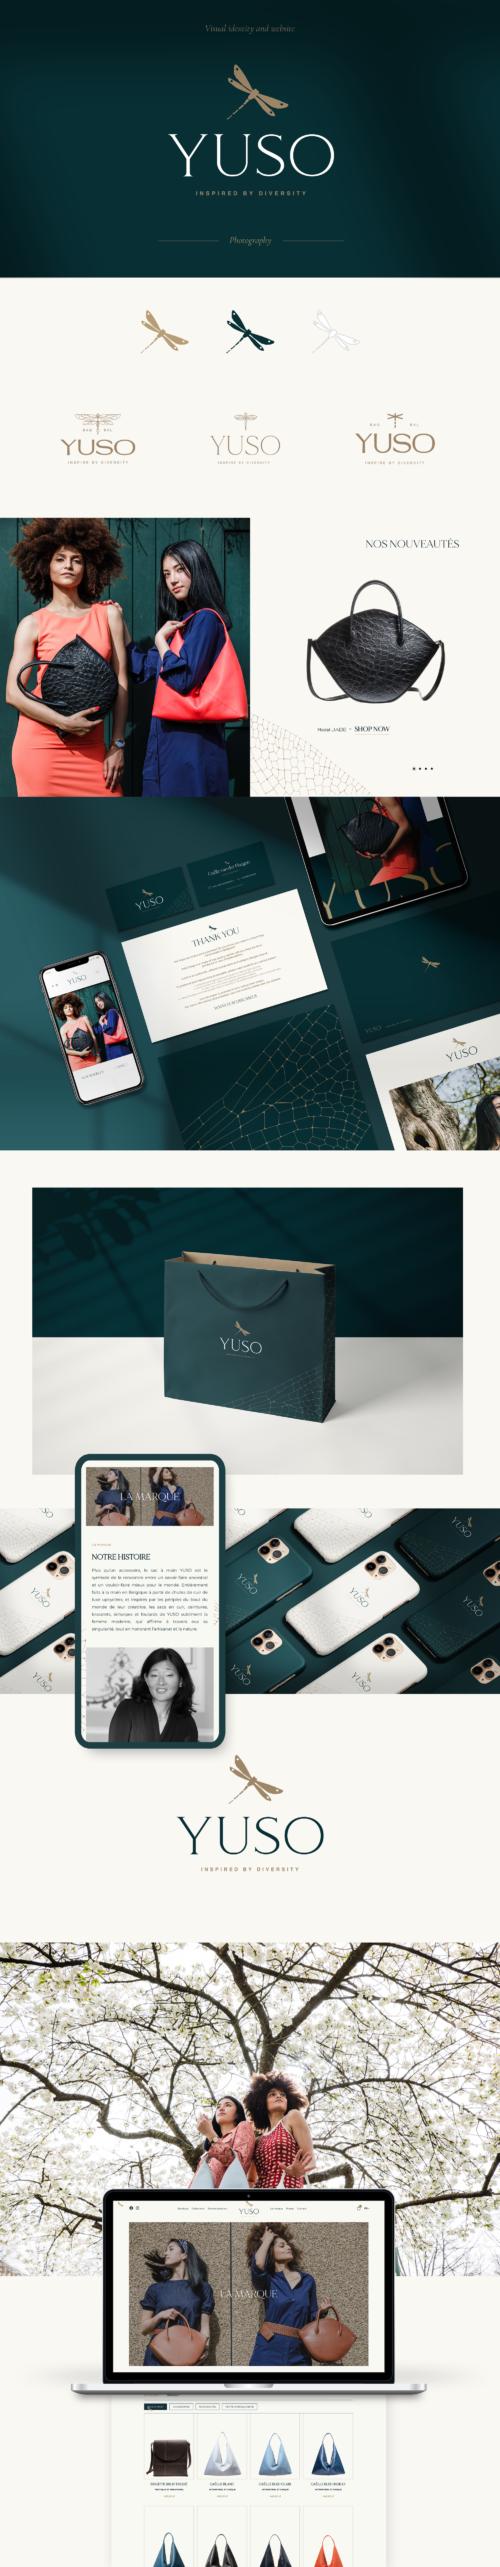 présentation YUSO (1)